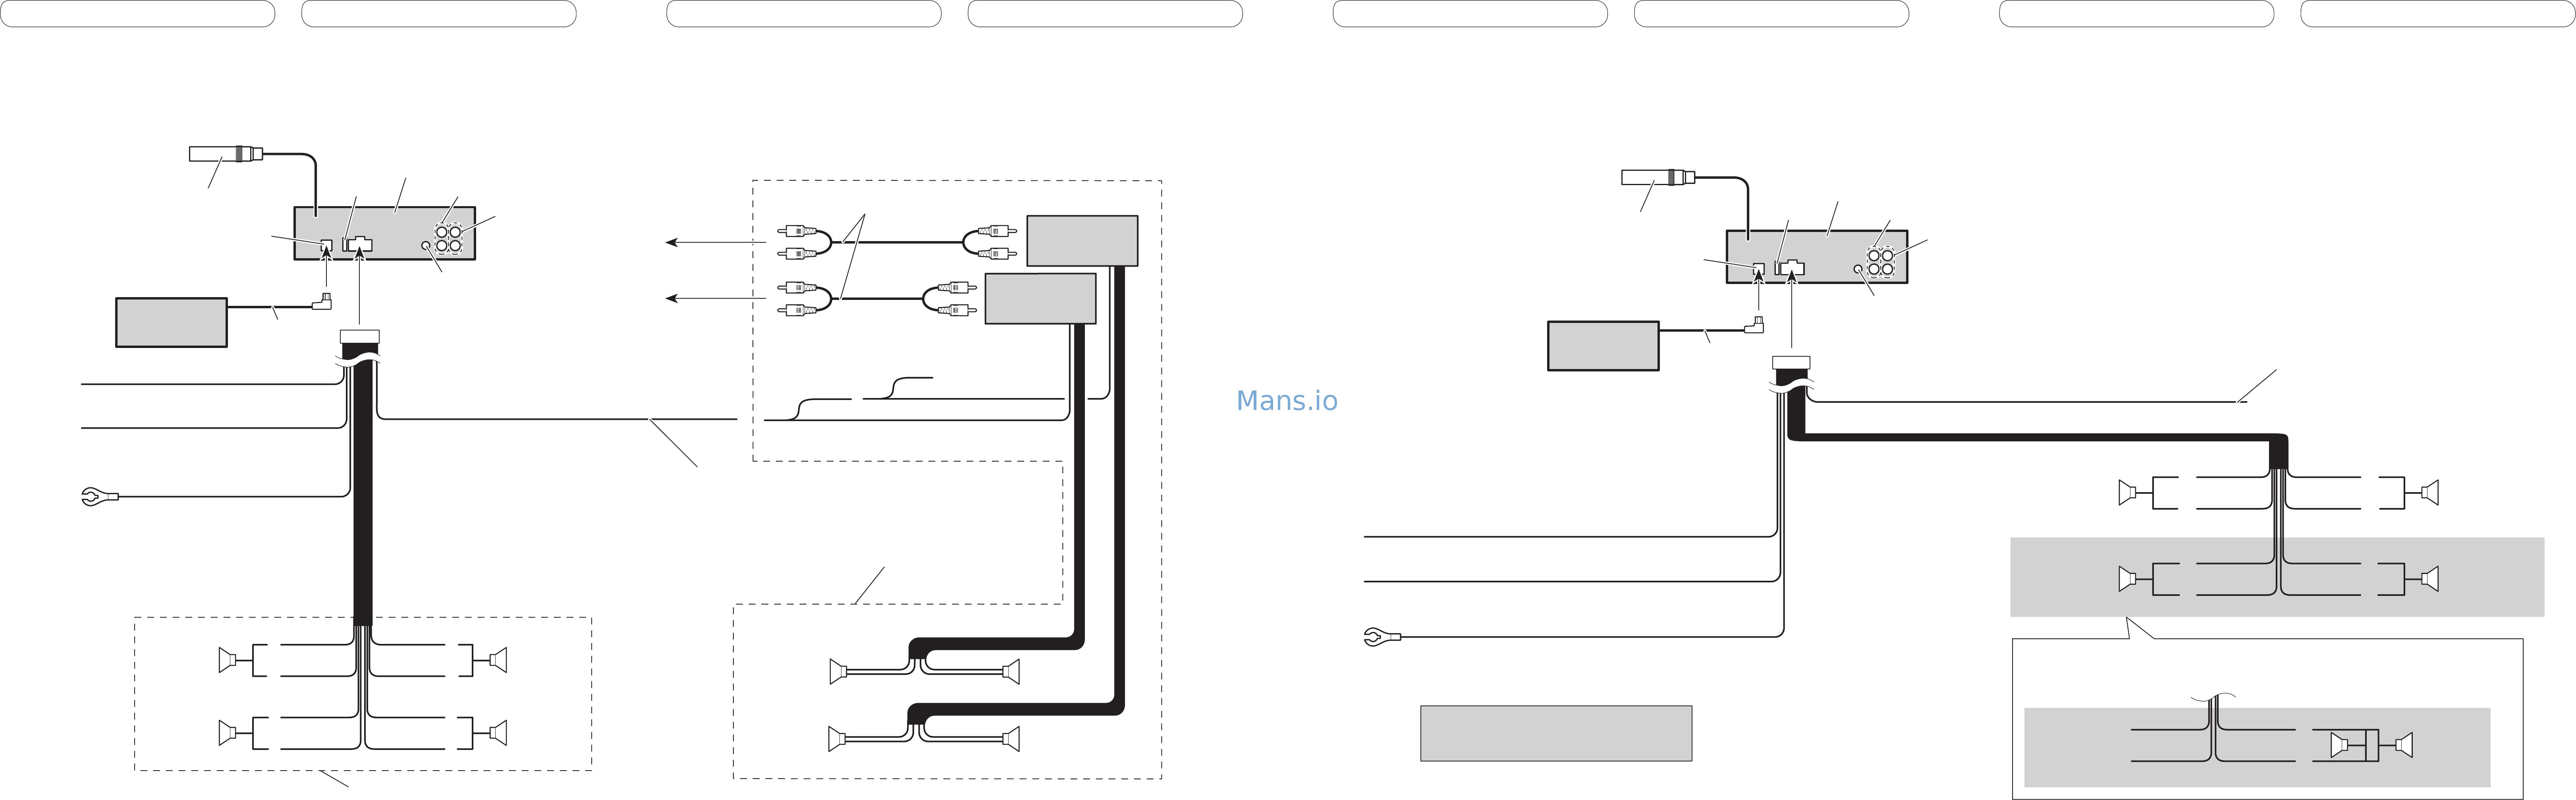 Pioneer Deh-1300Mp Wiring Diagram from schematron.org